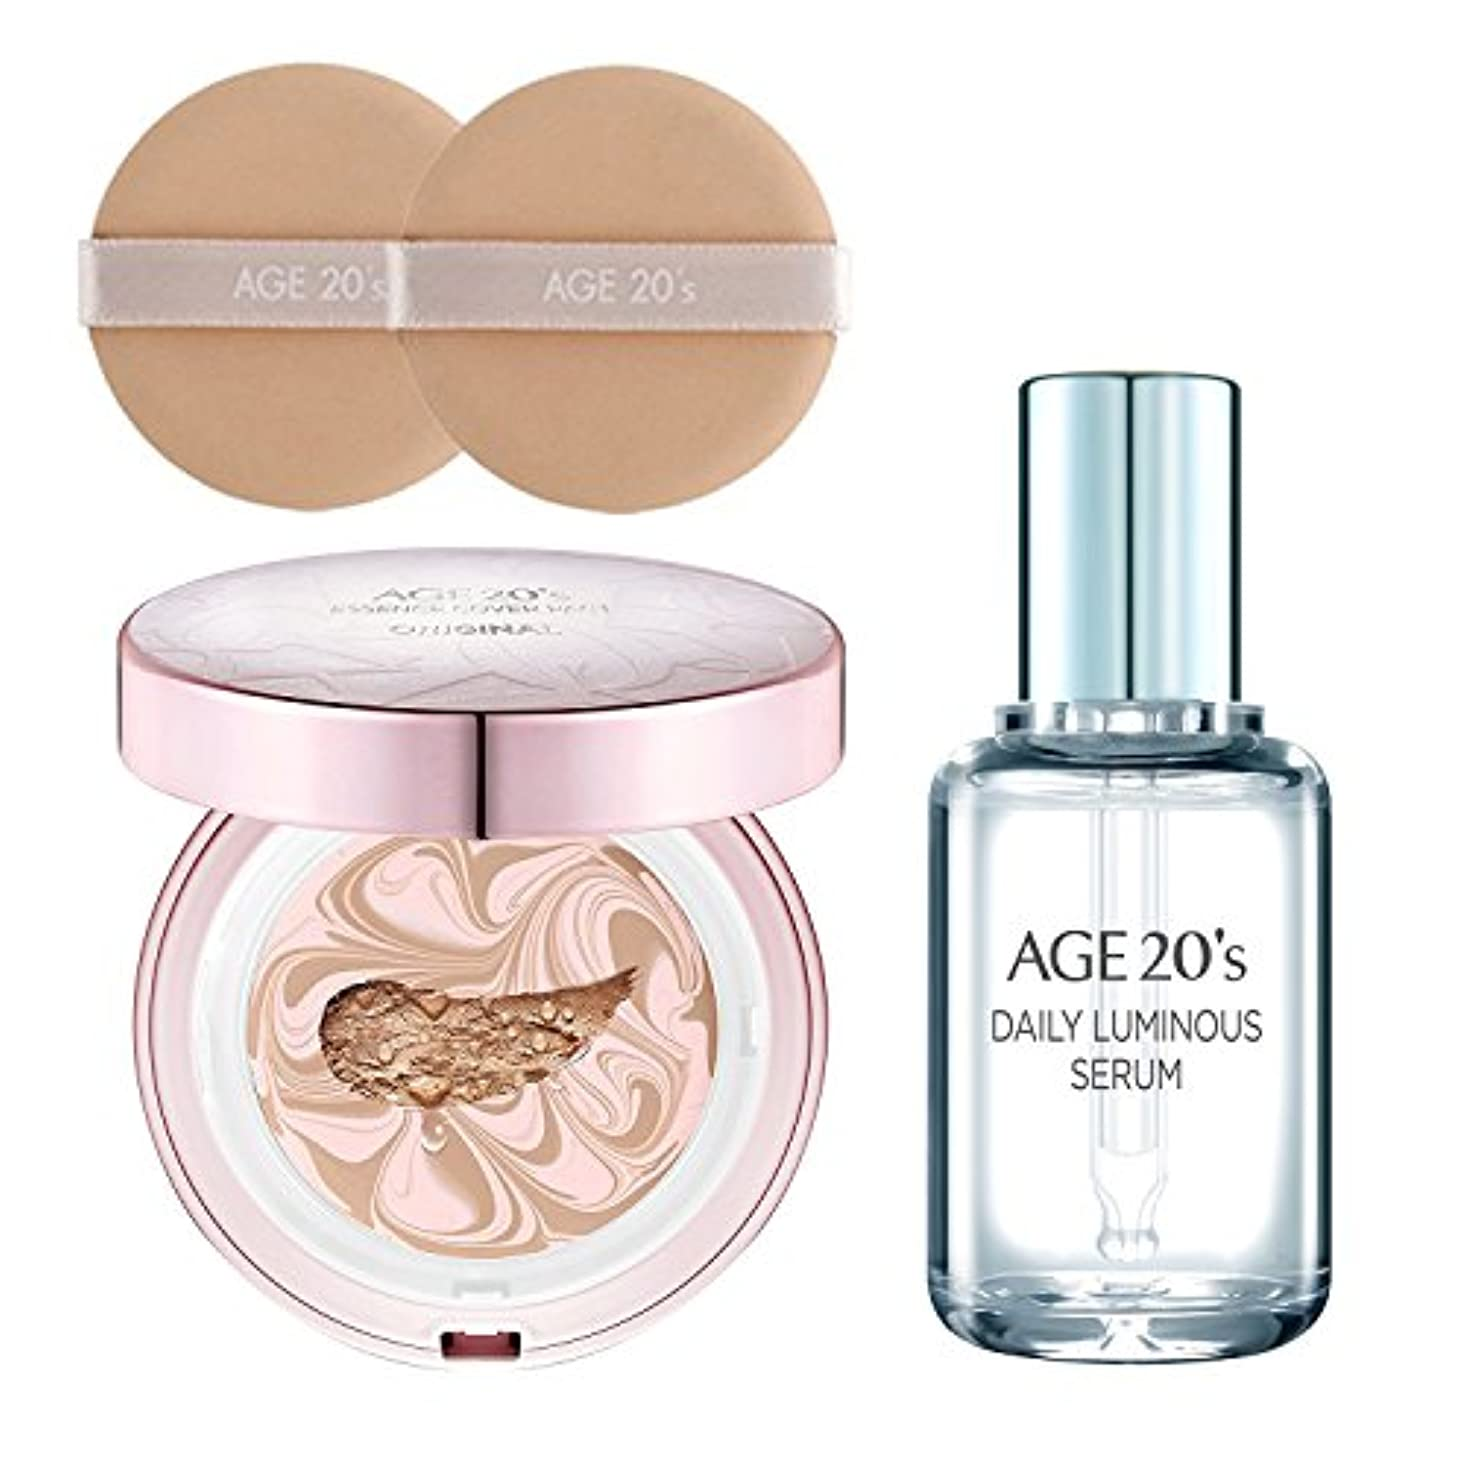 重量大混乱狭い[AGE 20s] エッセンス カバー パクト オリジナル(ESSENCE COVER PACT)+ GIFT (贈り物): Daily Luminous Serum 50ml / 韓国直送品 (ピンクラテ Pink Latte 23号)